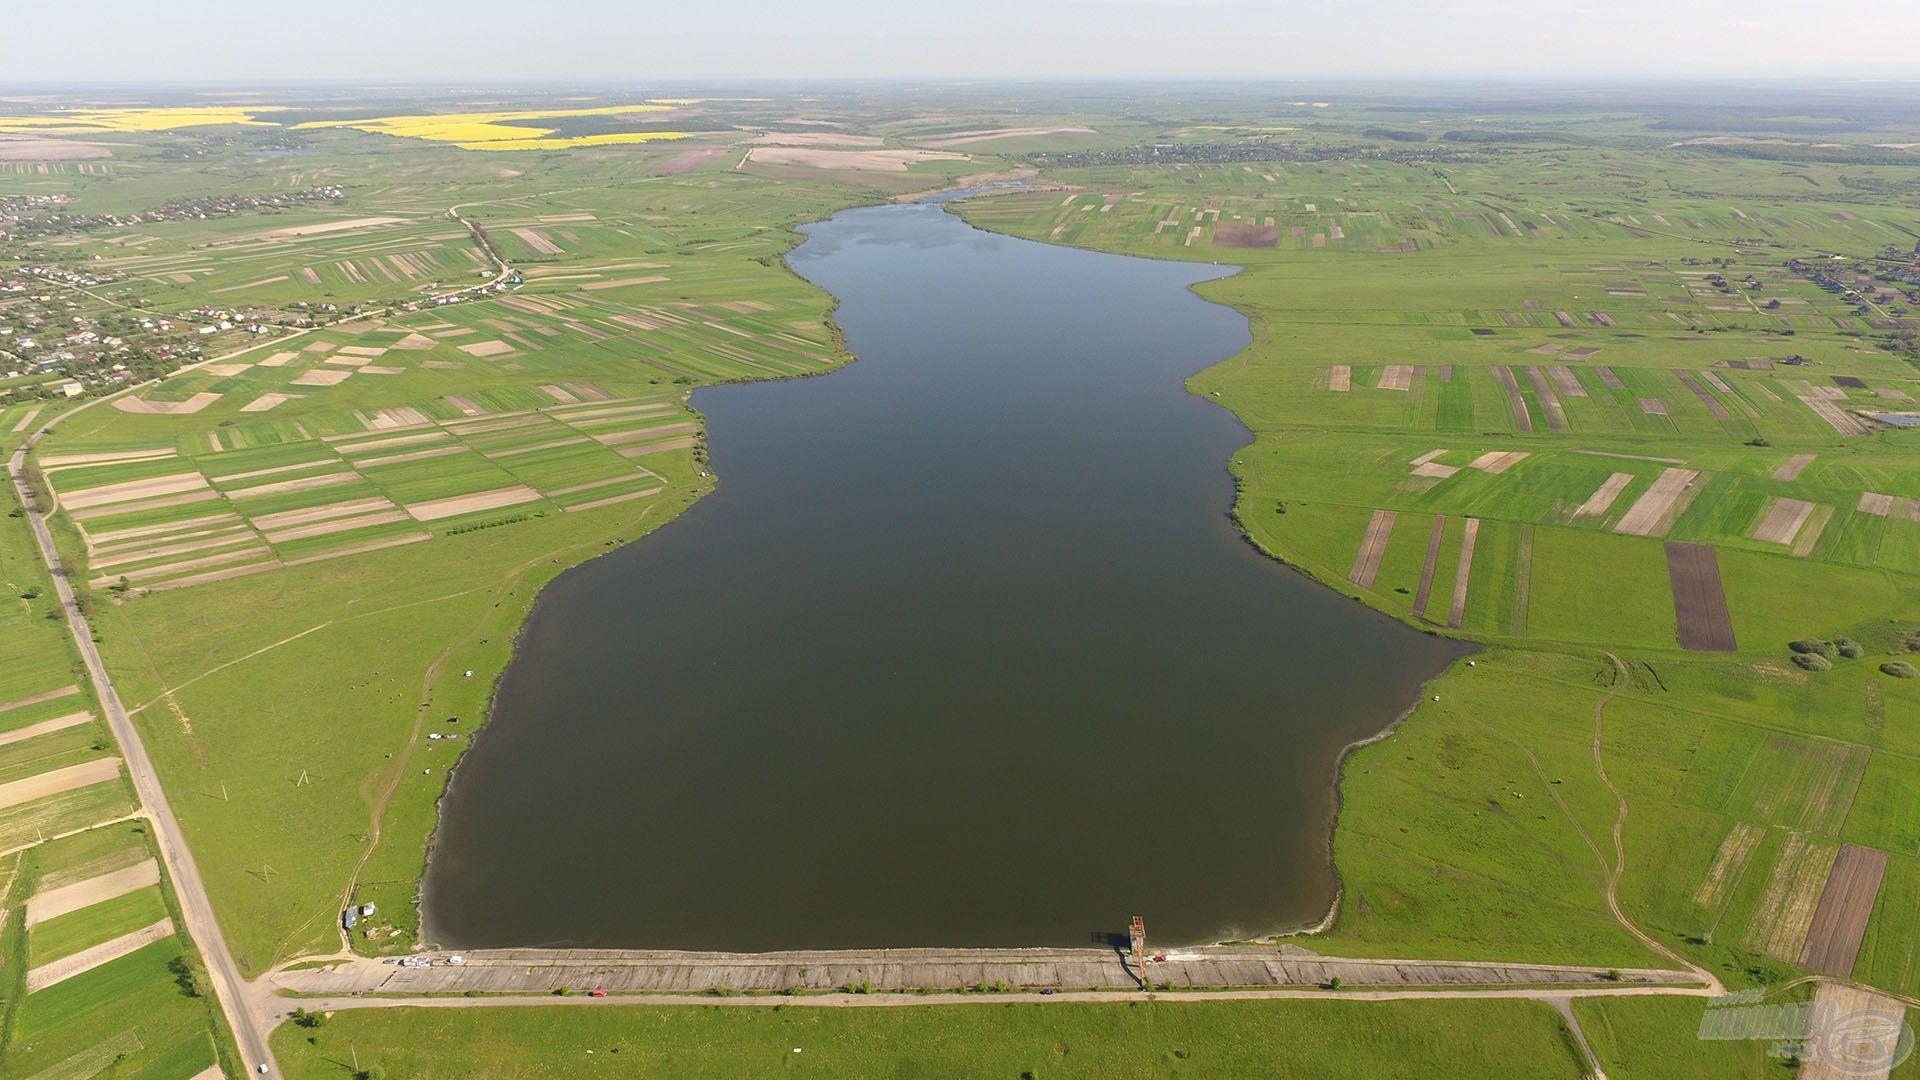 Ukrajna egyik nagy és népszerű vize, ahová szívesen járnak a bojlis és feederes pontyhorgászok, Prylbychi közelében található